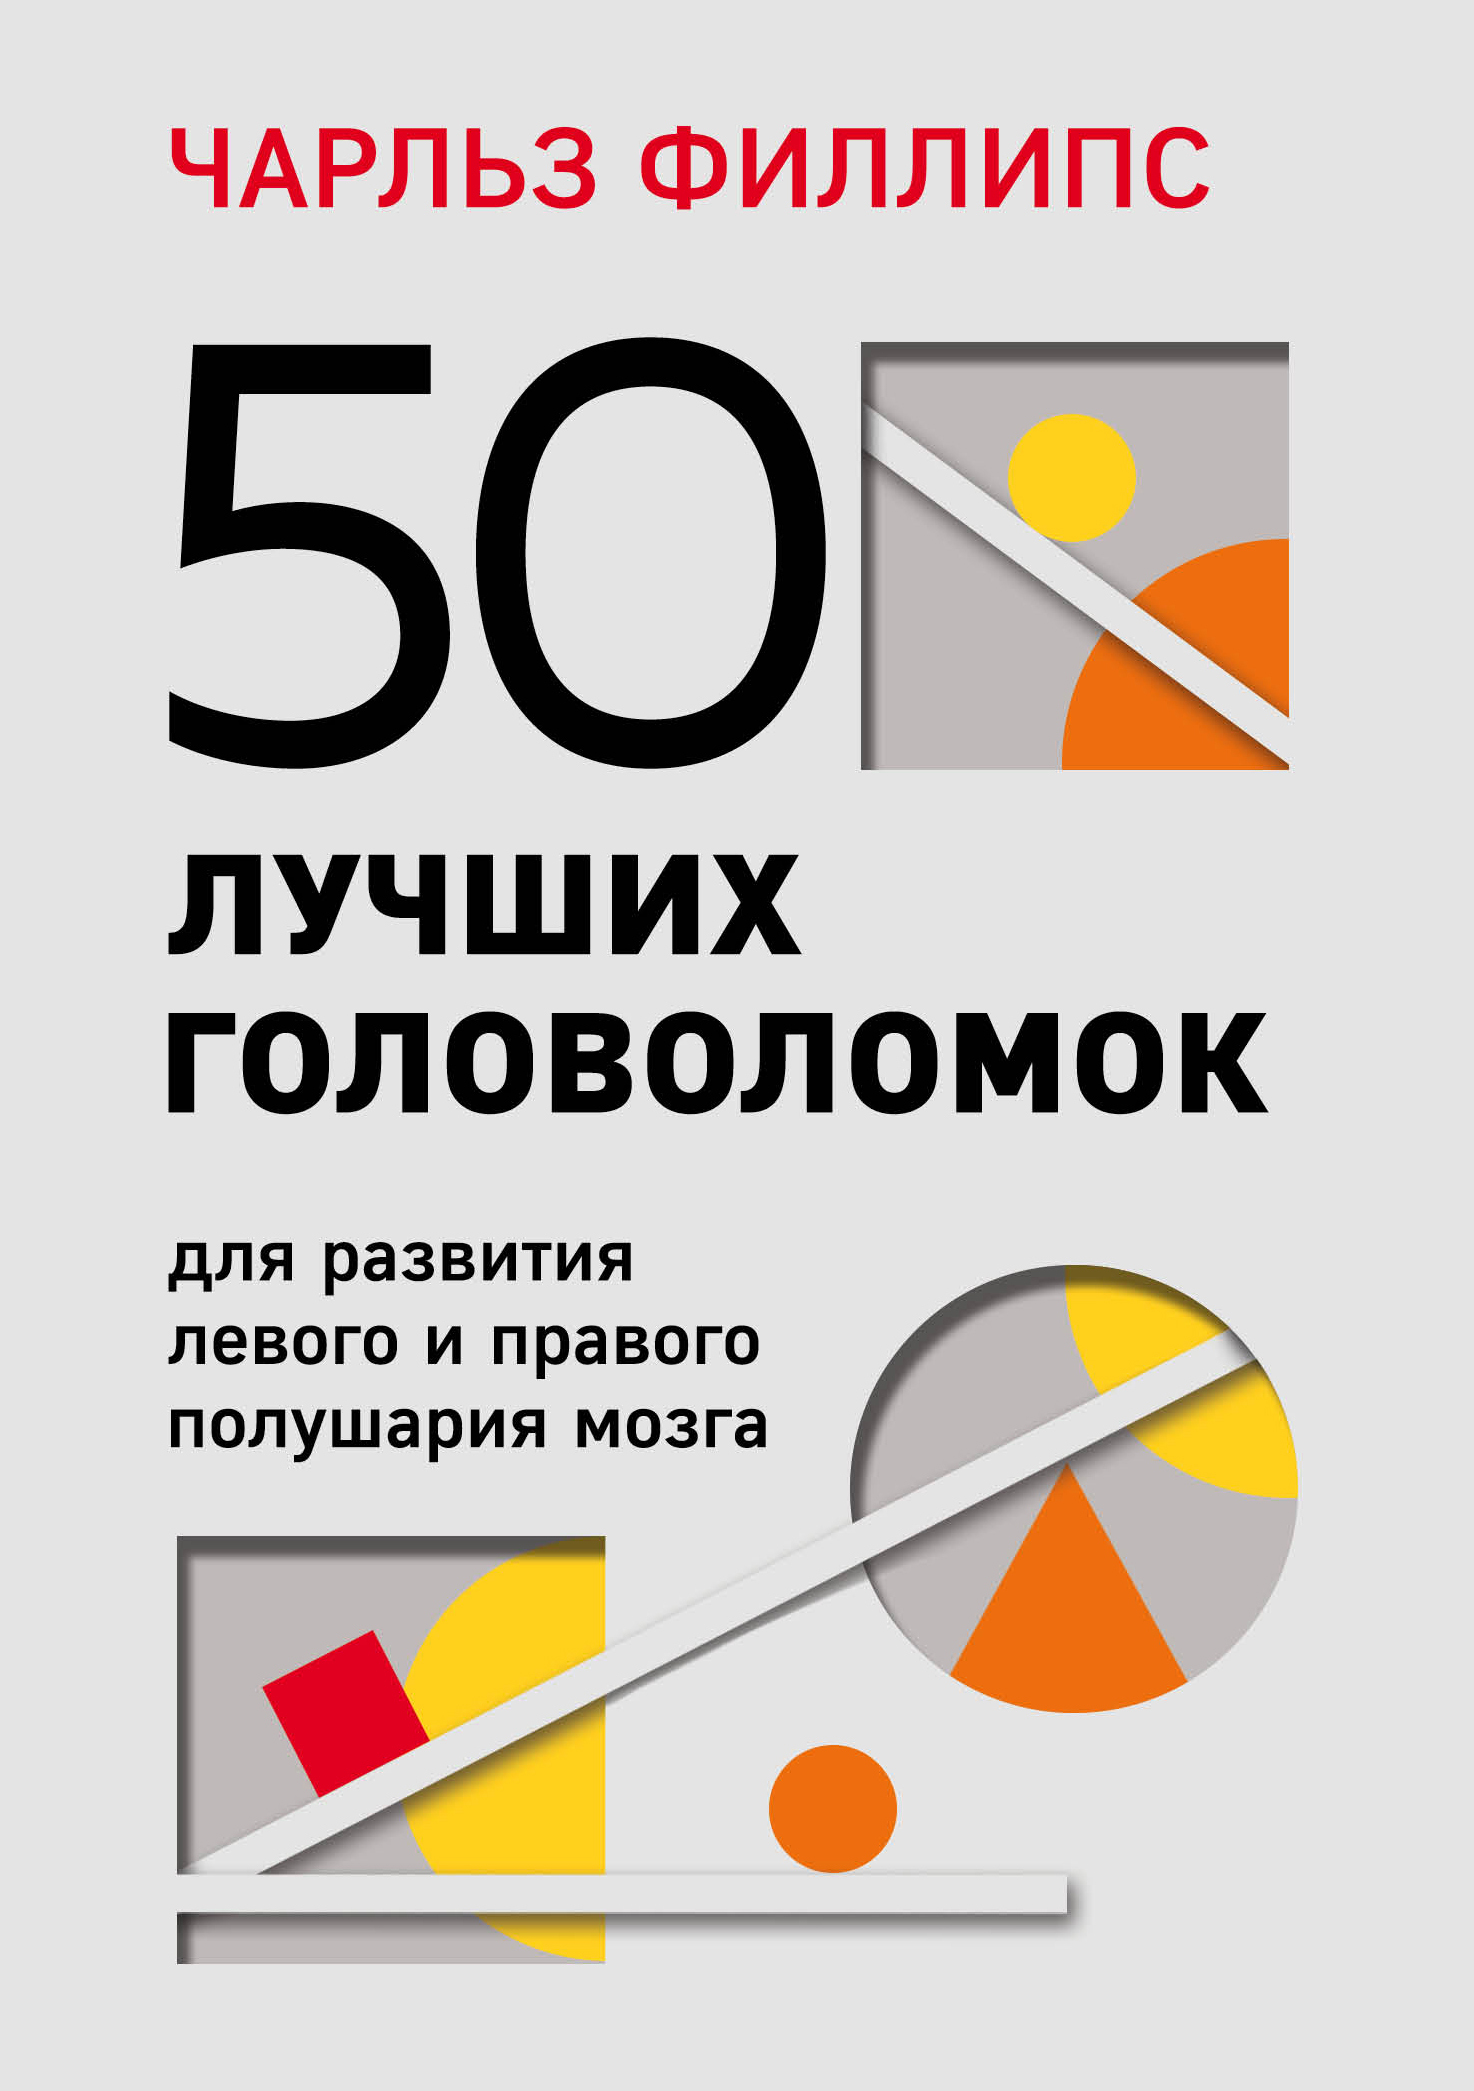 Чарльз Филлипс «50 лучших головоломок для развития левого и правого полушария мозга»